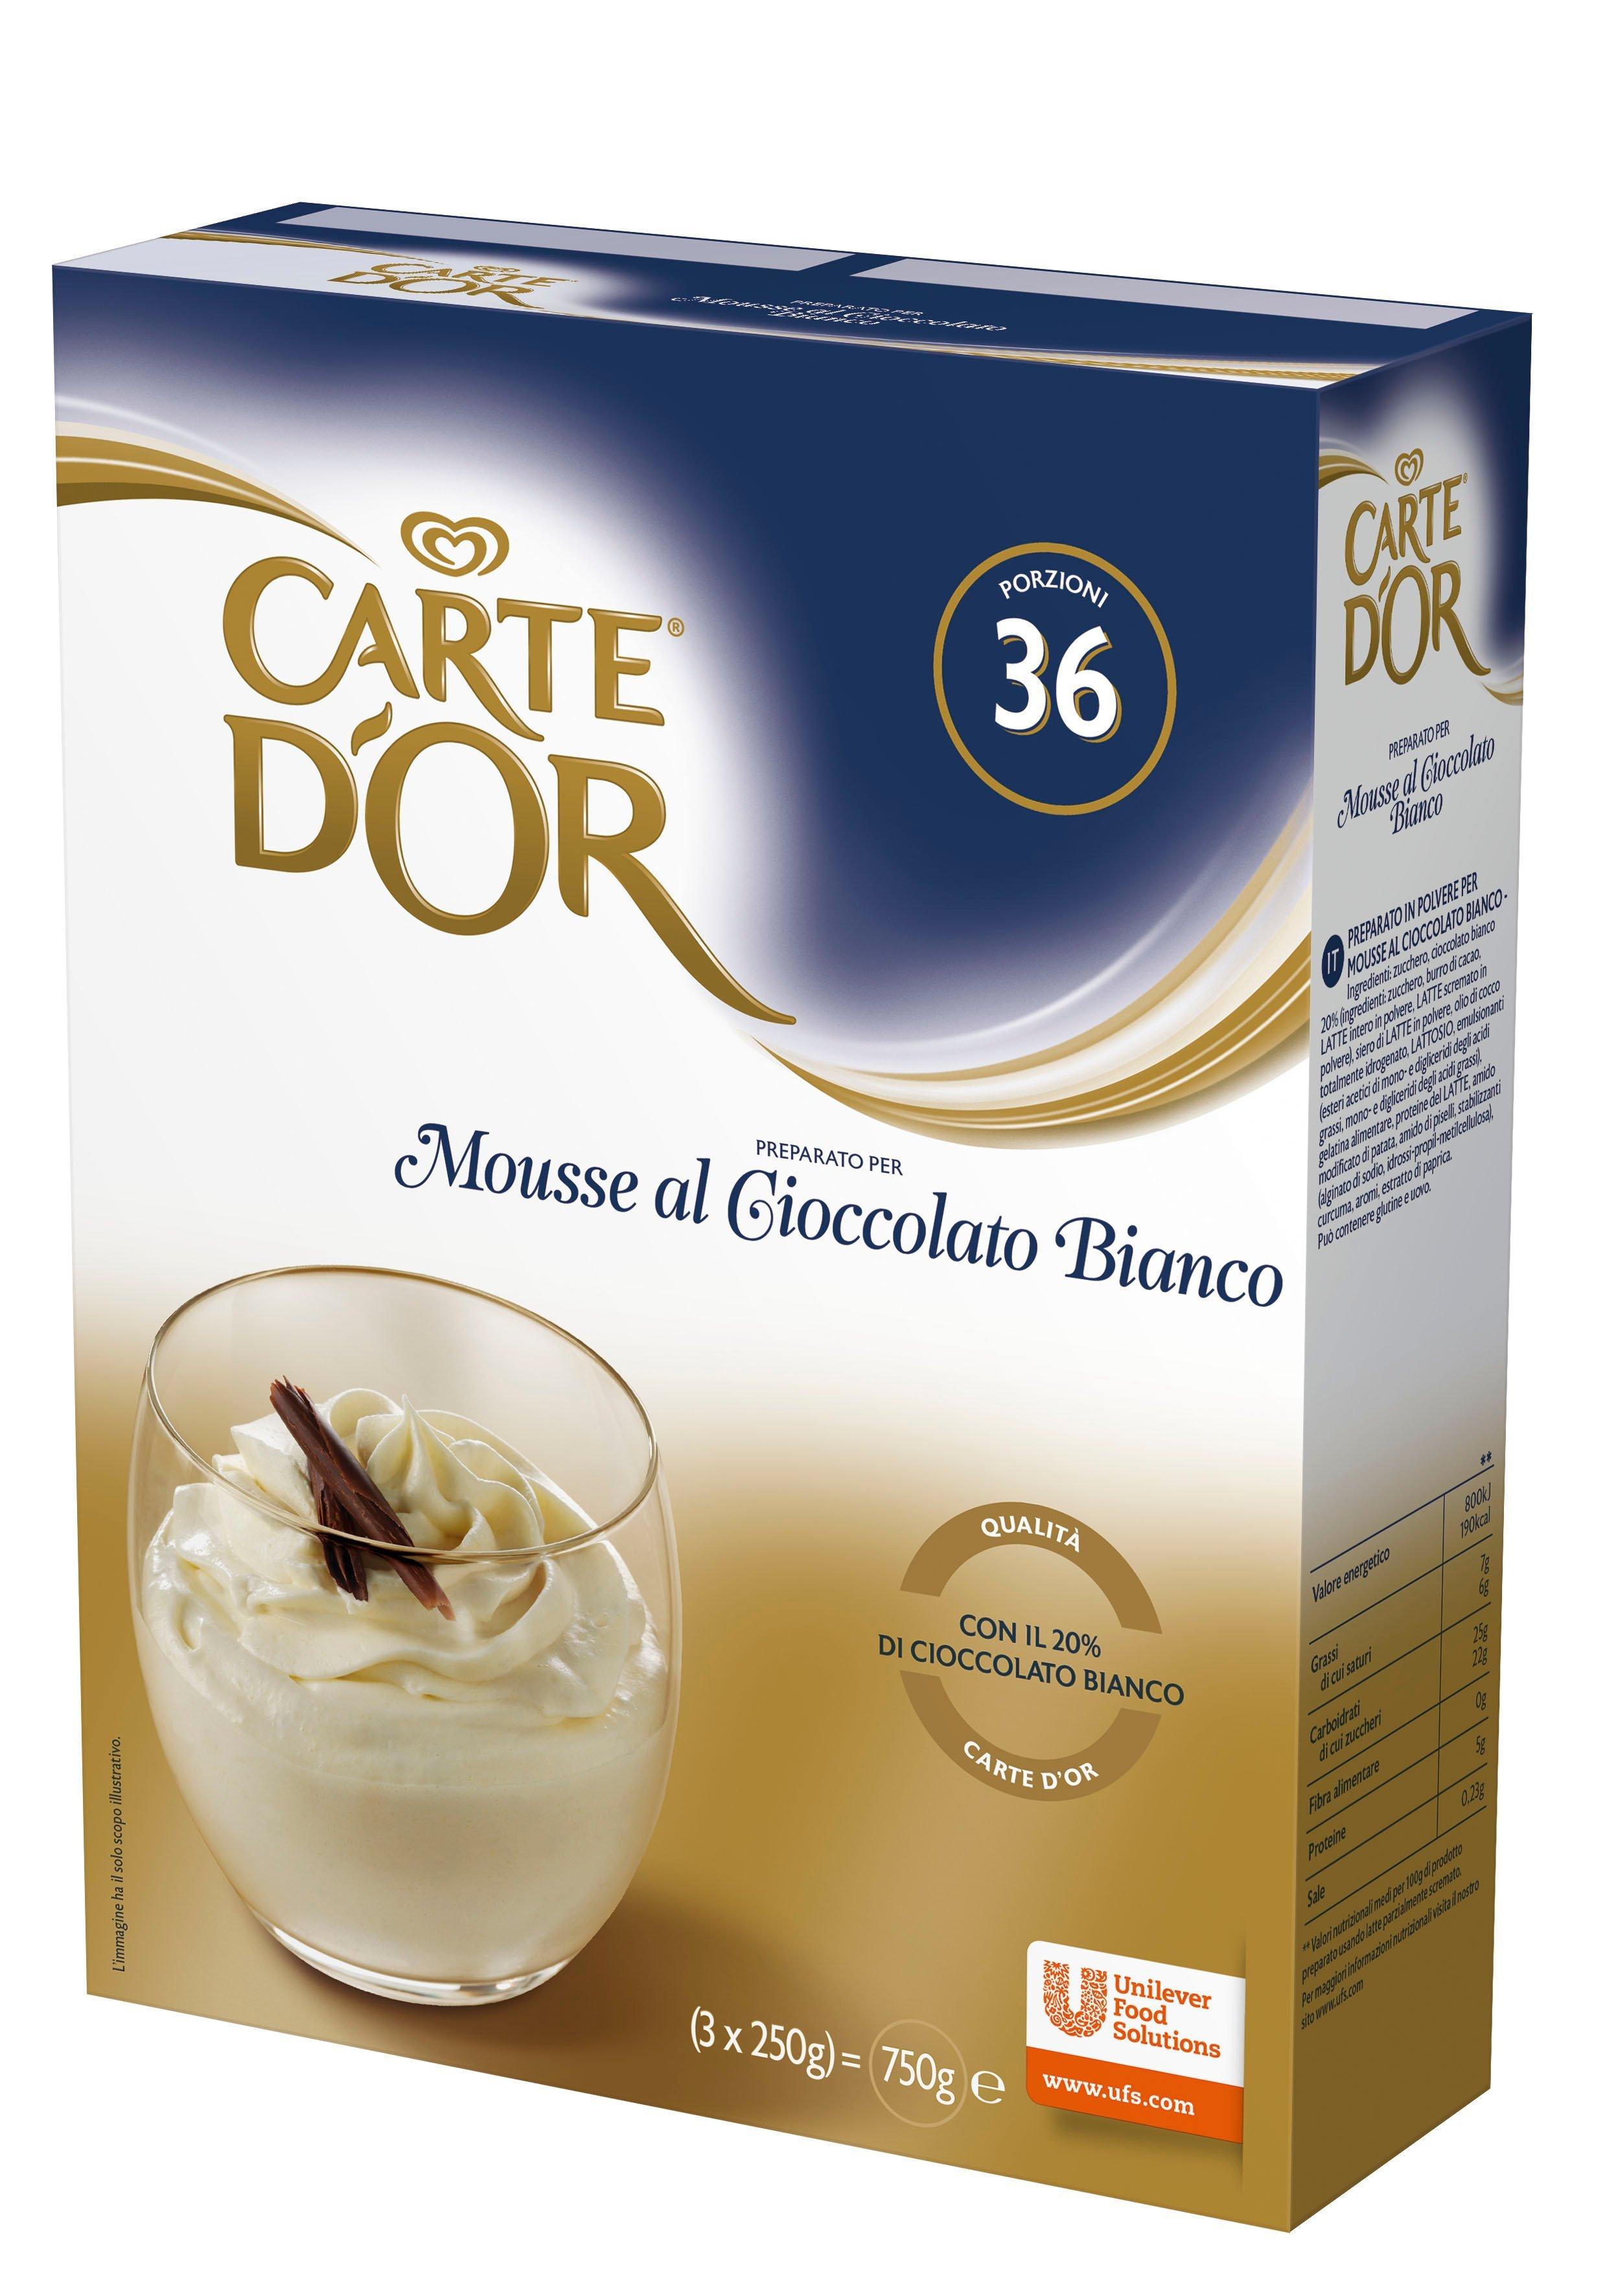 Carte d'Or preparato per Mousse al Cioccolato Bianco 750 Gr -